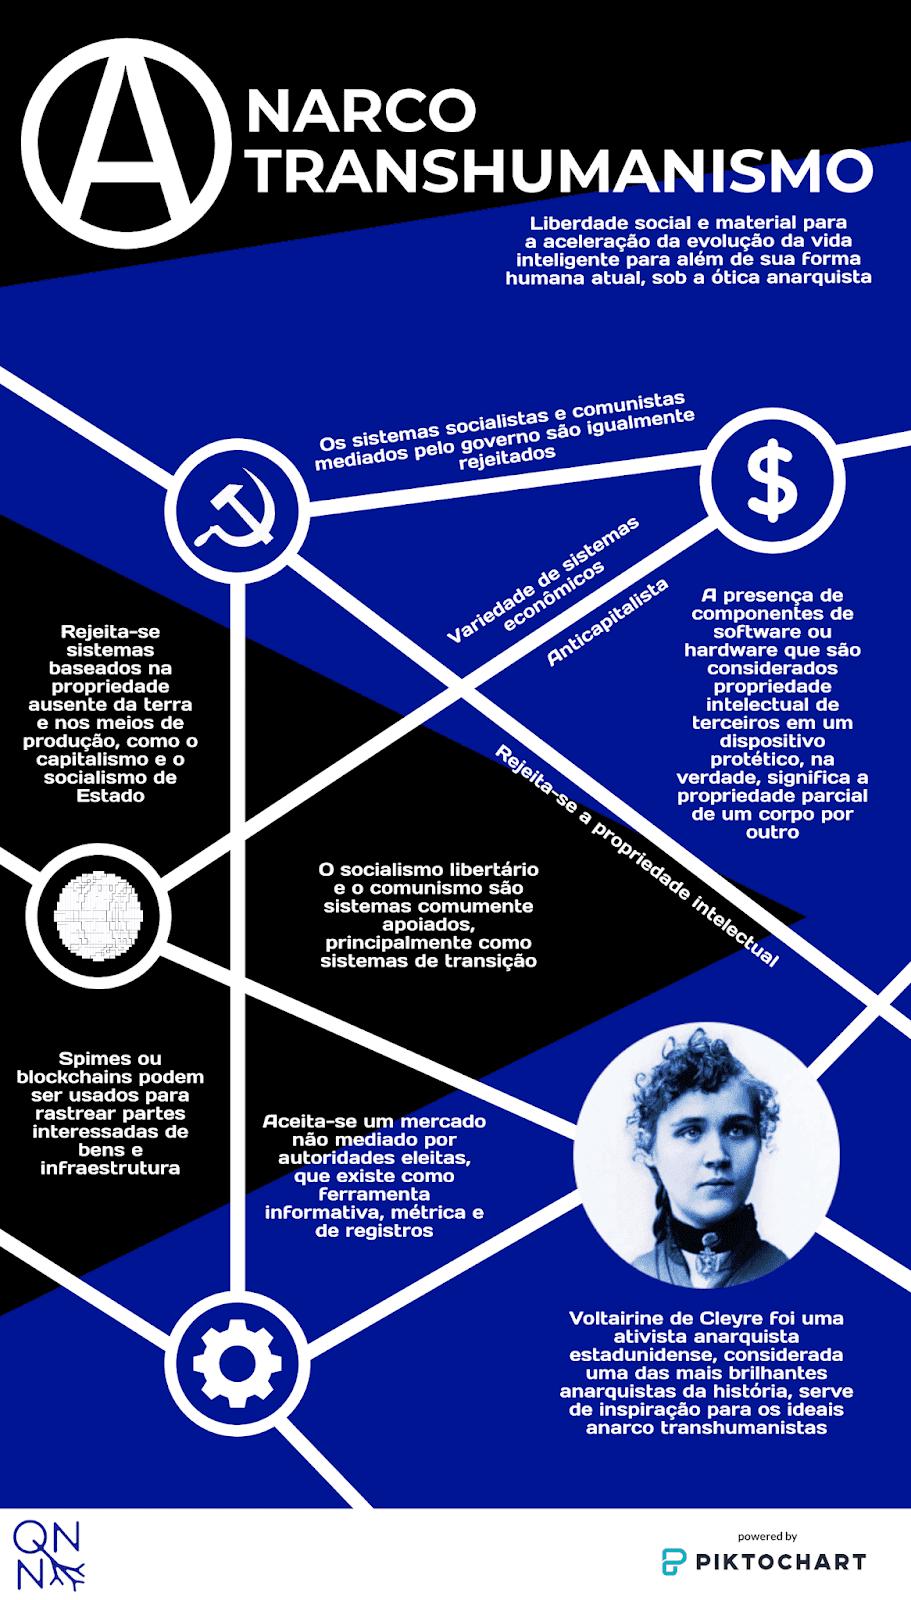 Princípios do Anarco Transhumanismo [Infográfico]